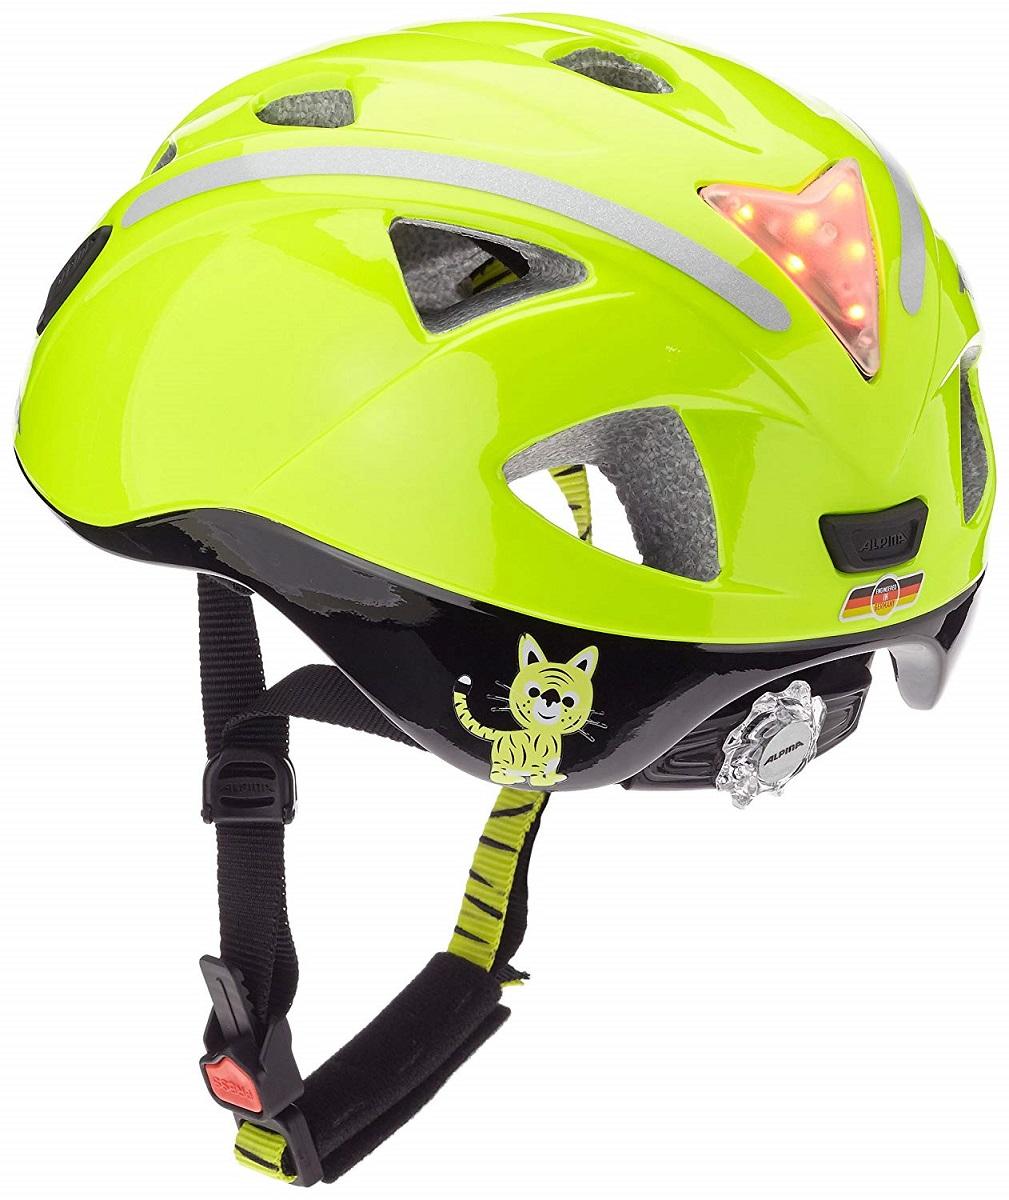 Turquesa 2019 Casco de Bicicleta Ni/ños ALPINA Ximo Flash